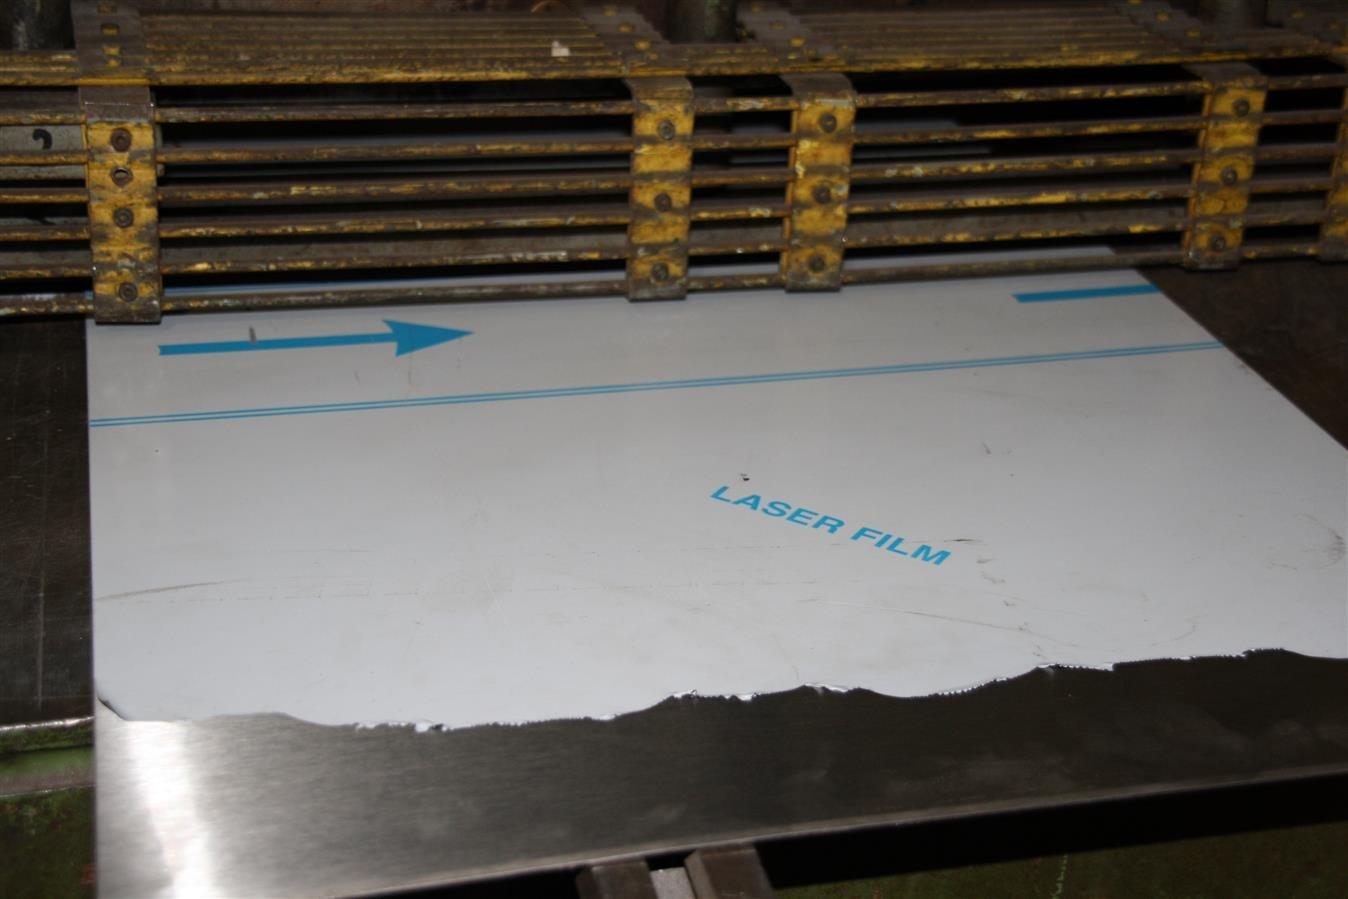 3 mm Edelstahlblech V2A 1.4301 K240 geschliffen einseitig Folie 200 800